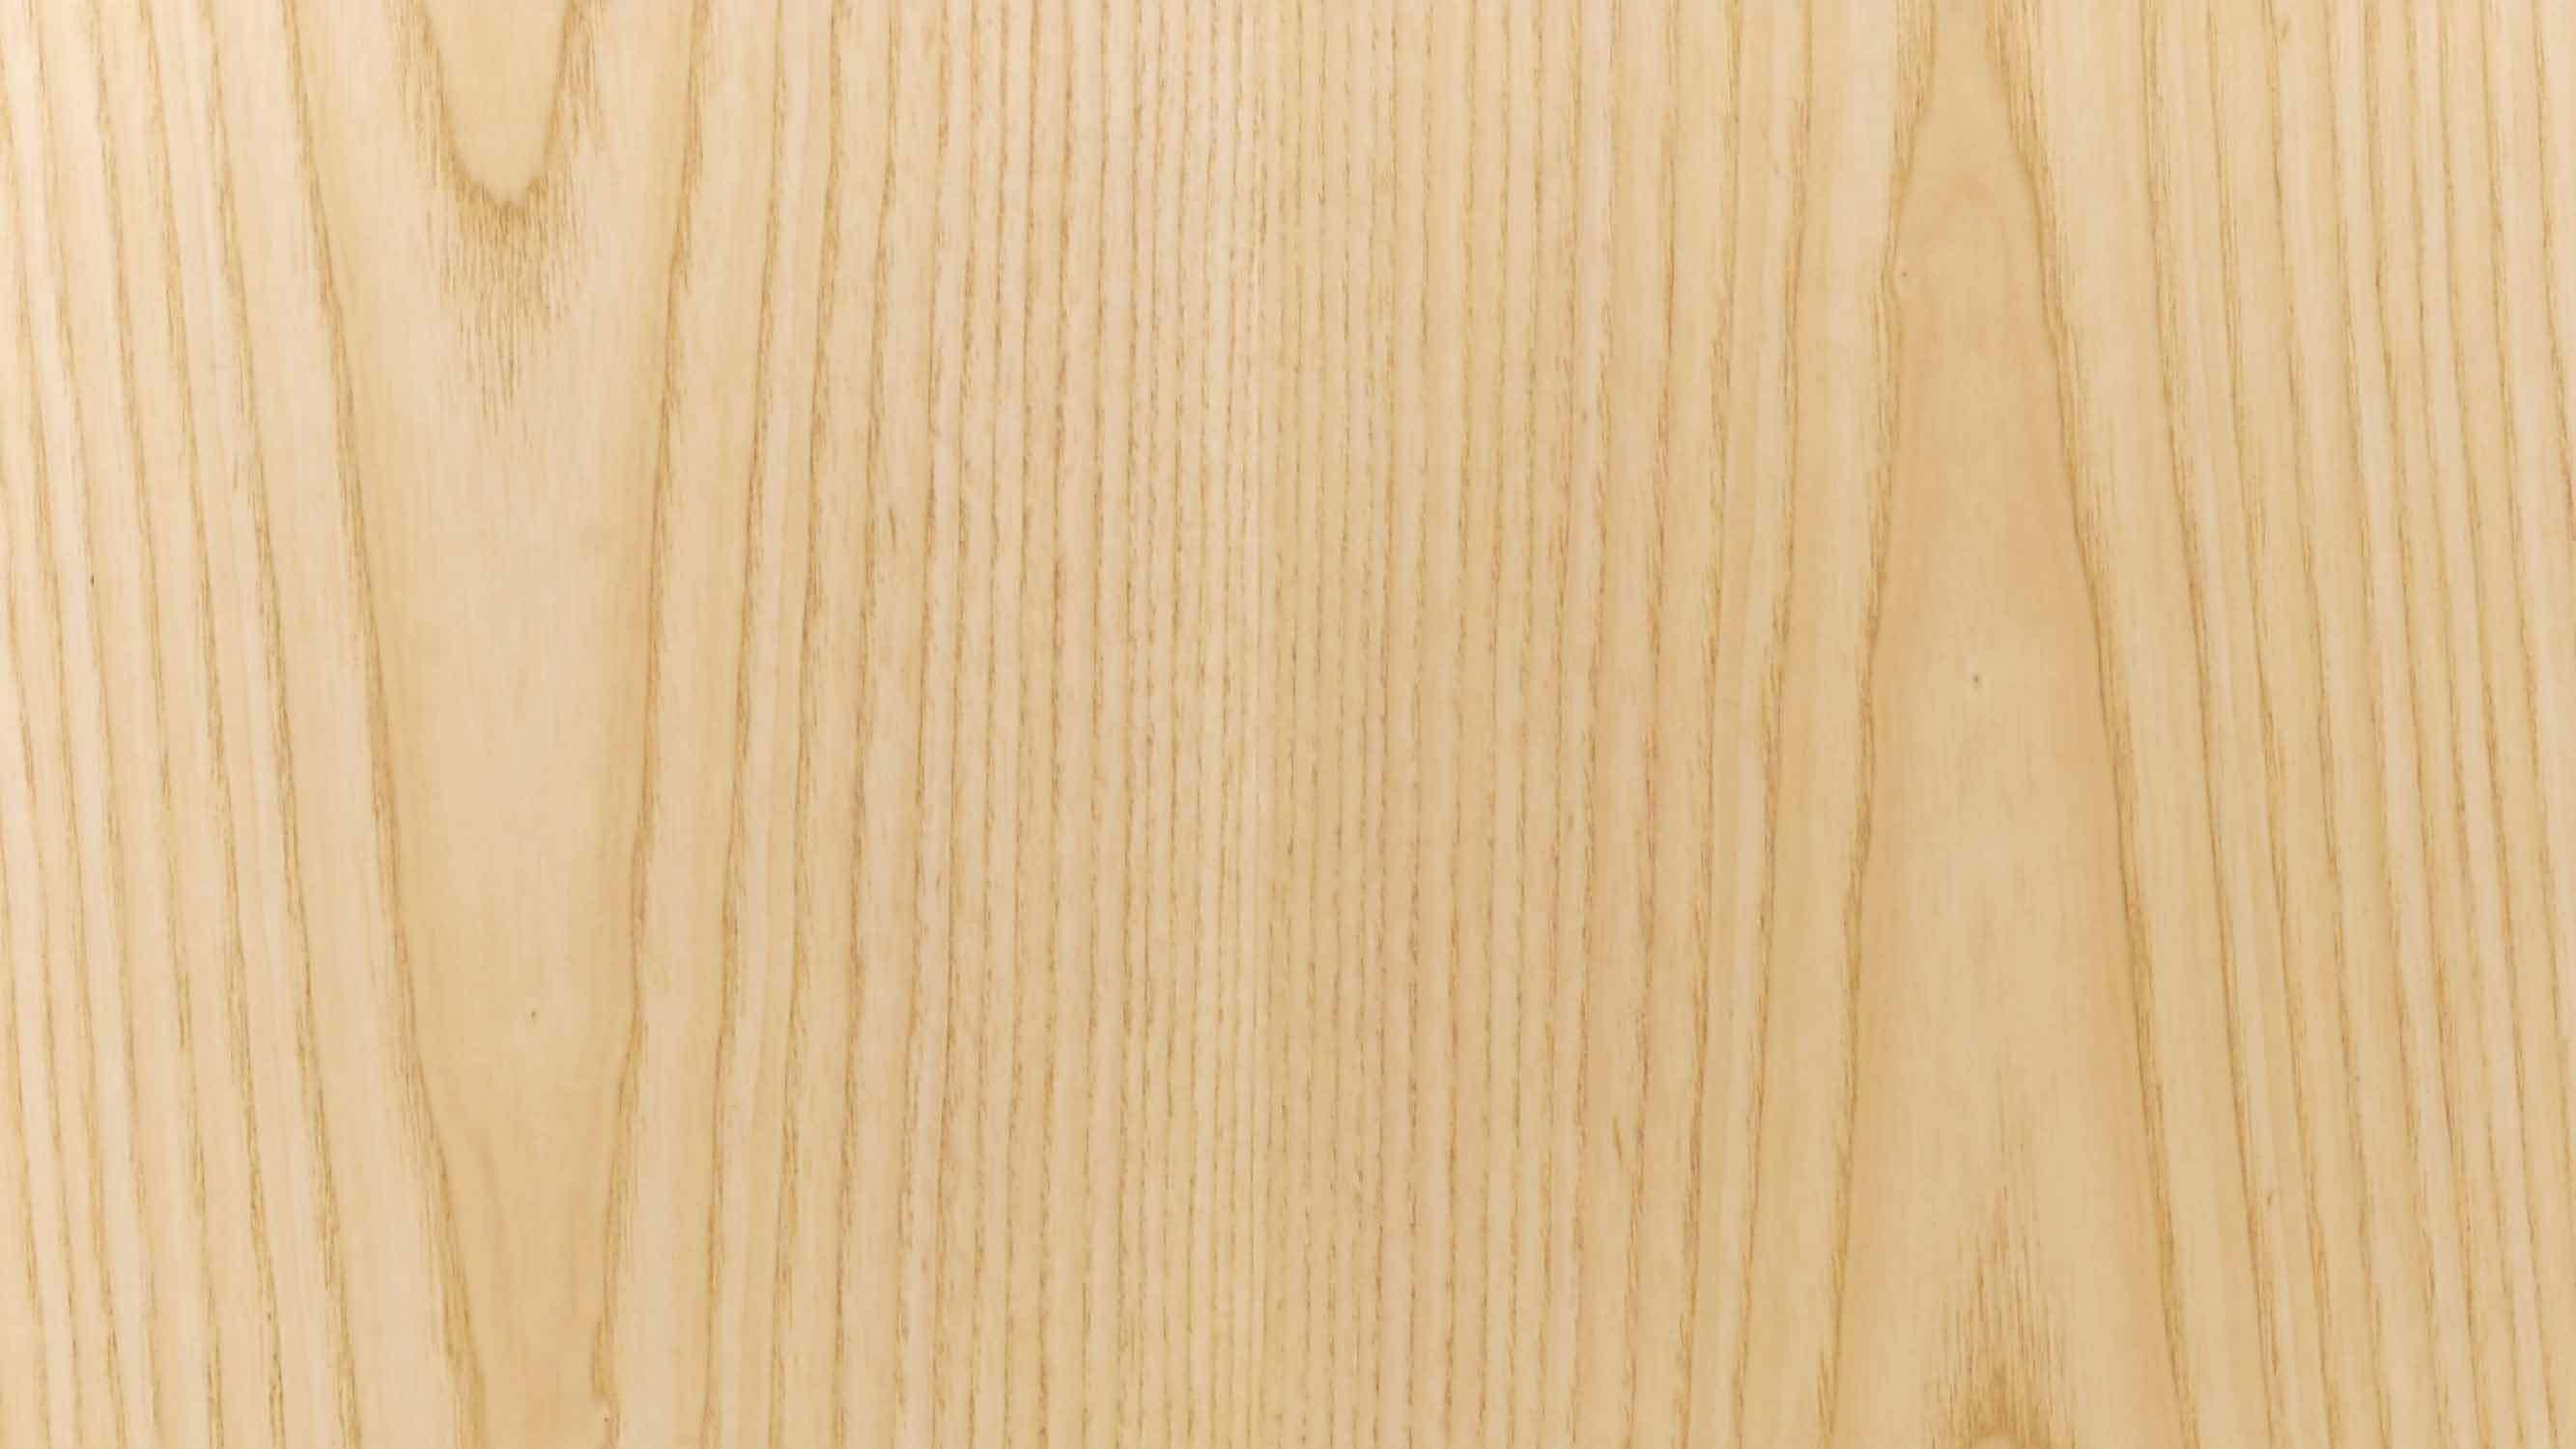 优选E1级MDF为柜体基材,获得比实木更平整细密的纹理、更稳定牢固的性能,表层里外均以北美进口 A 级白蜡木木皮360°无死角包覆,不错过每一个边角细节,带来不易开裂变形、坚固耐用,超越实木的使用体验。